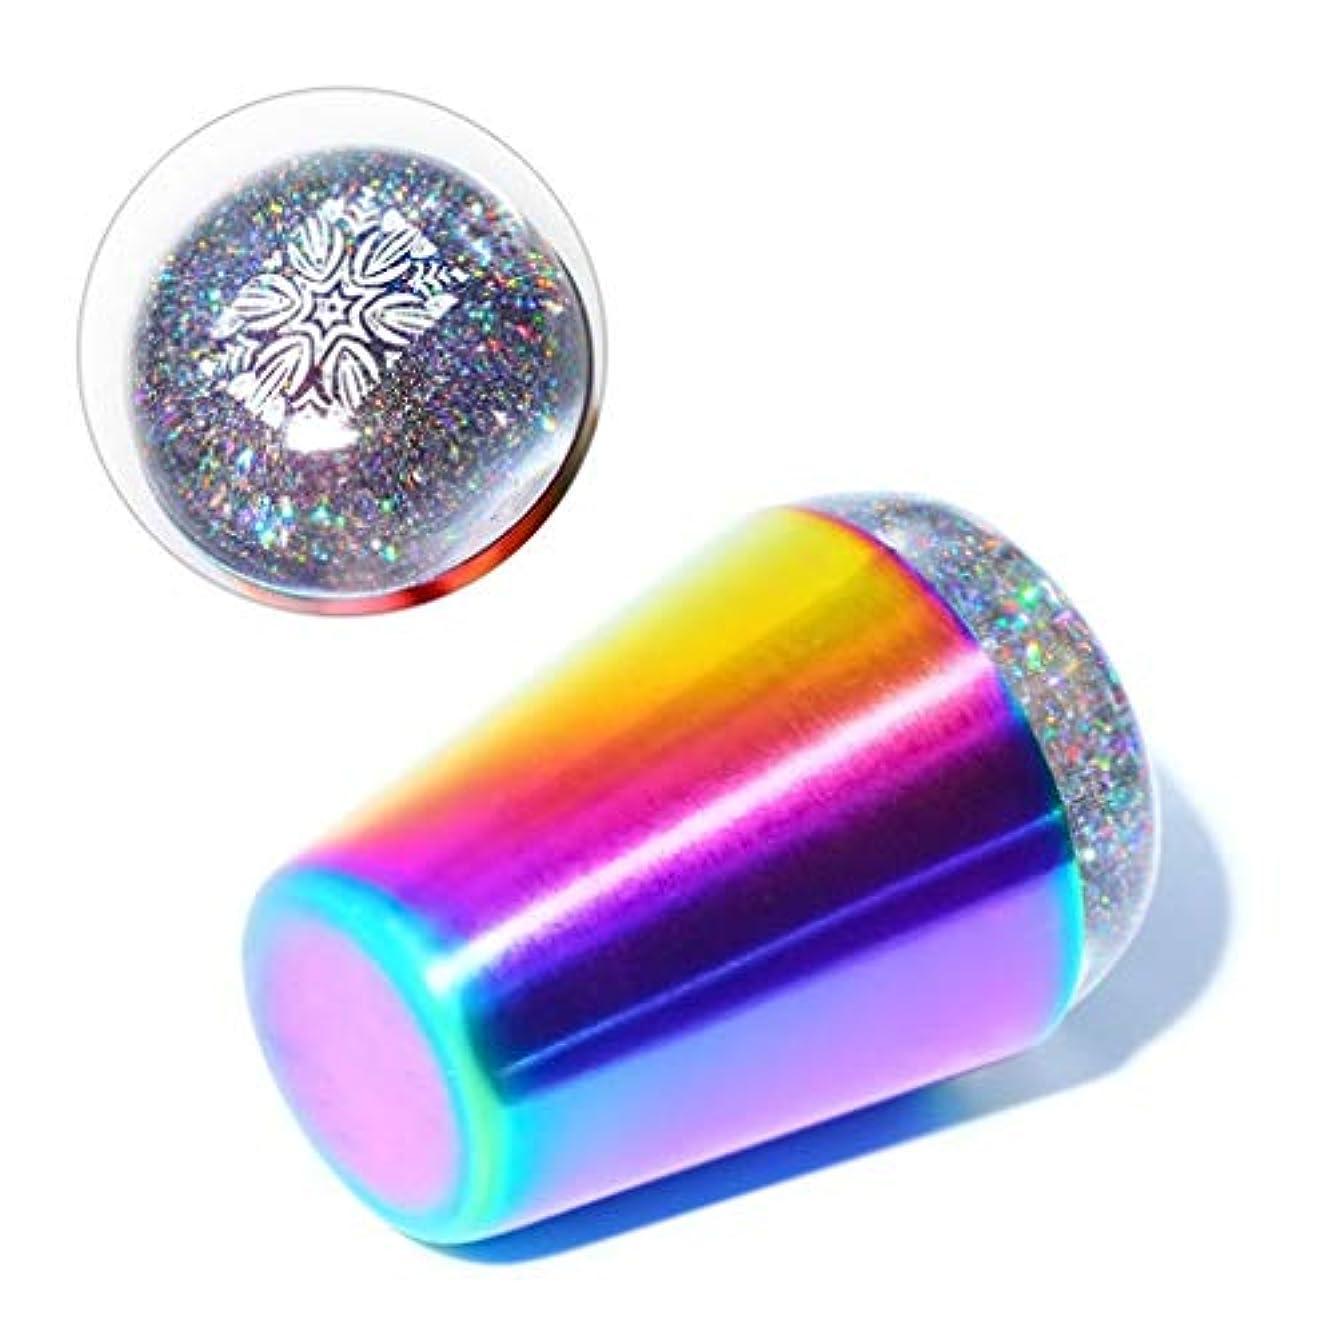 探検マーチャンダイジング共和国サリーの店 特徴的な透明な釘スタンパースクラップ(None B)